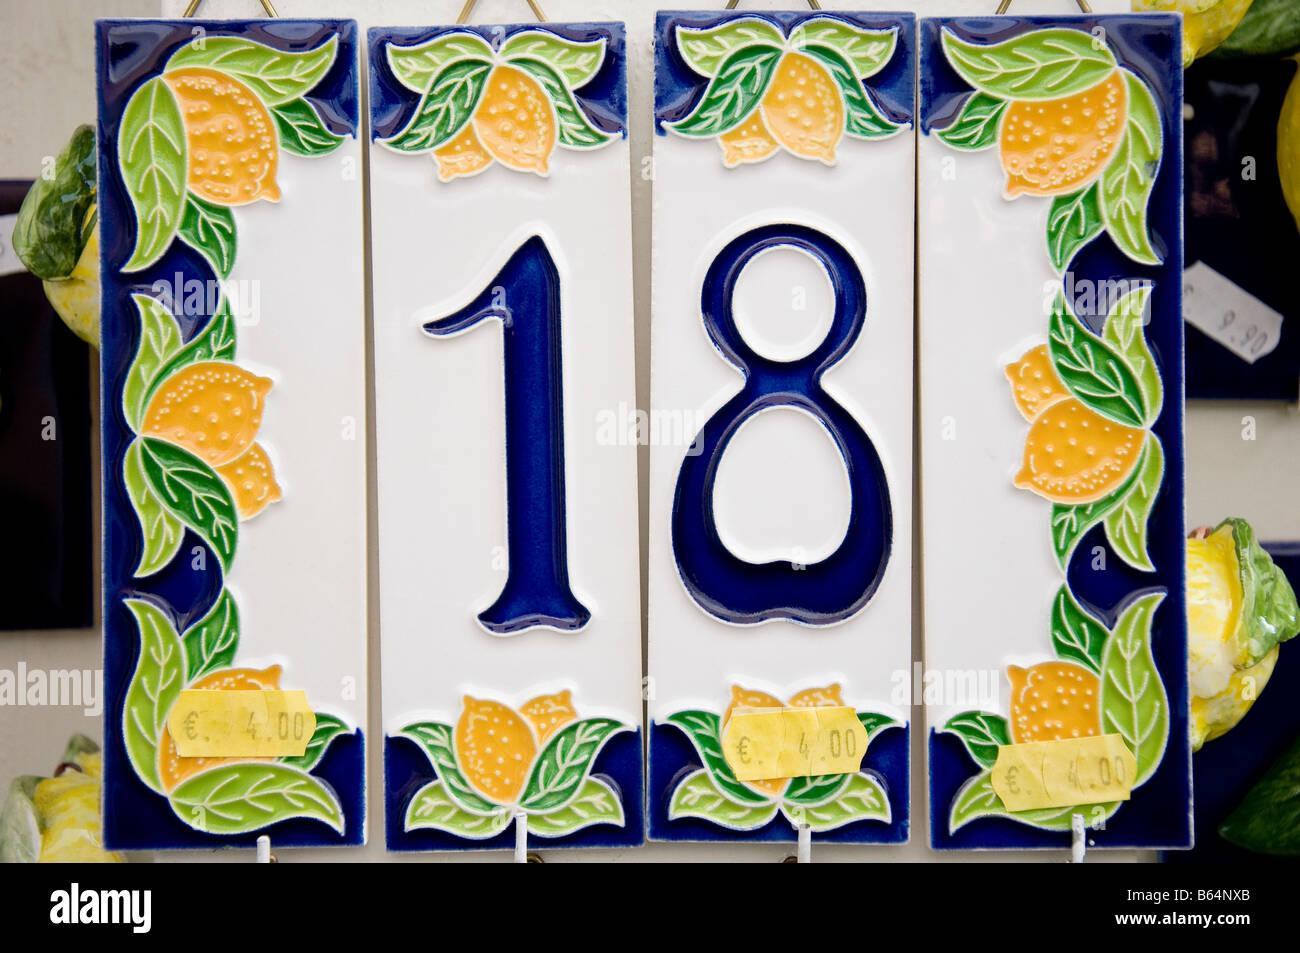 Il numero civico 18 e limoni su una piastrella ceramica in vendita